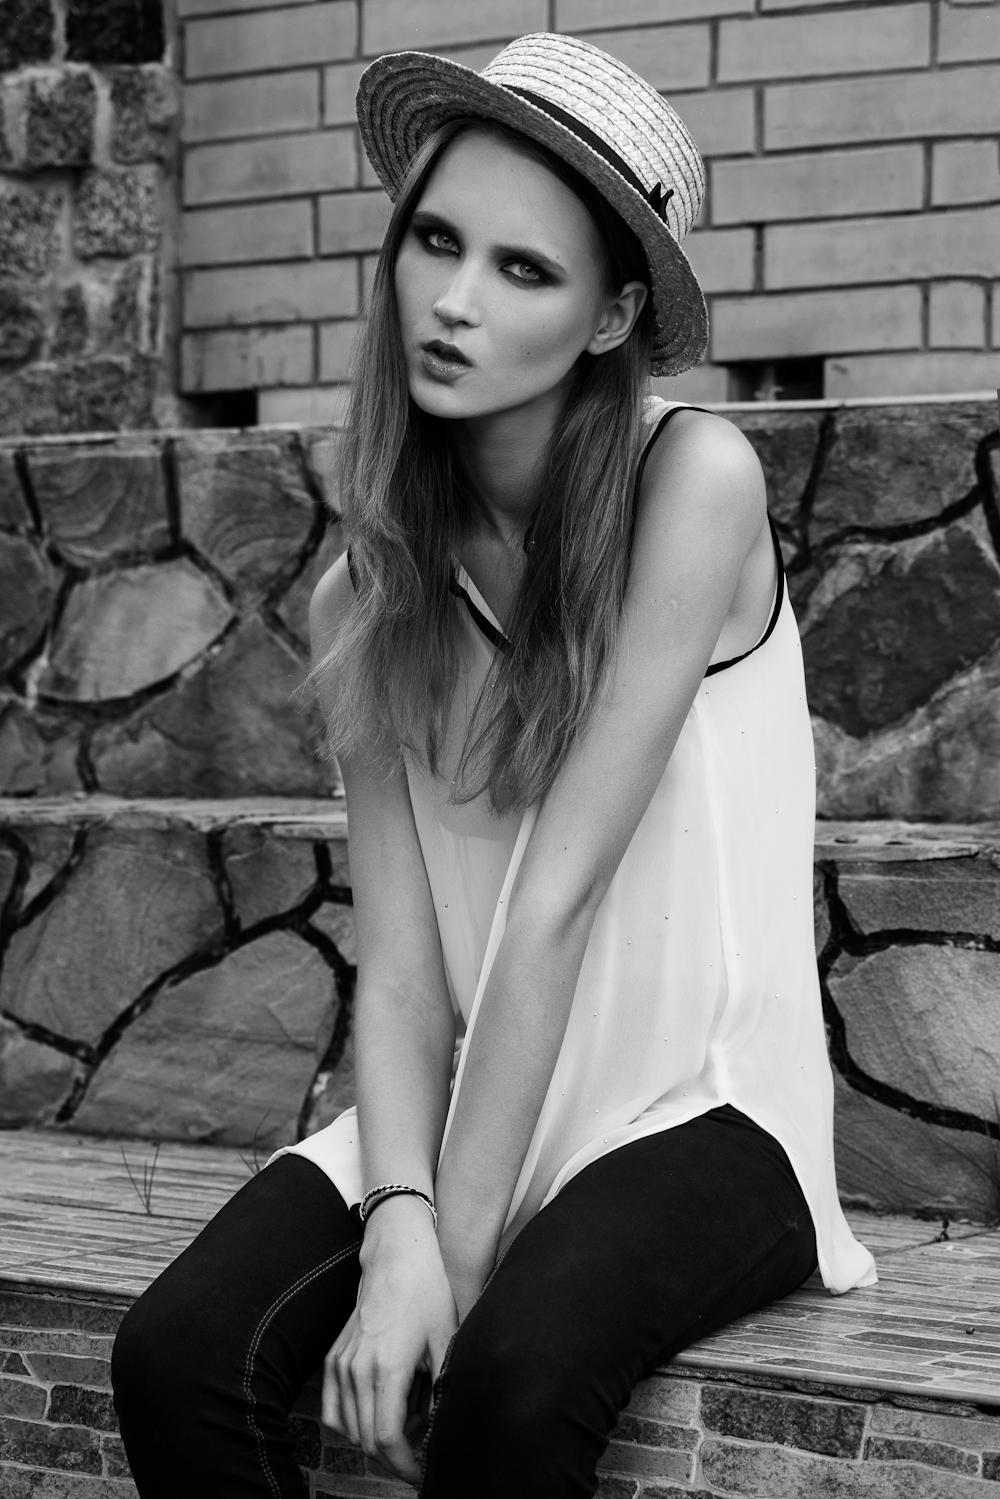 Milena @ Kmodels